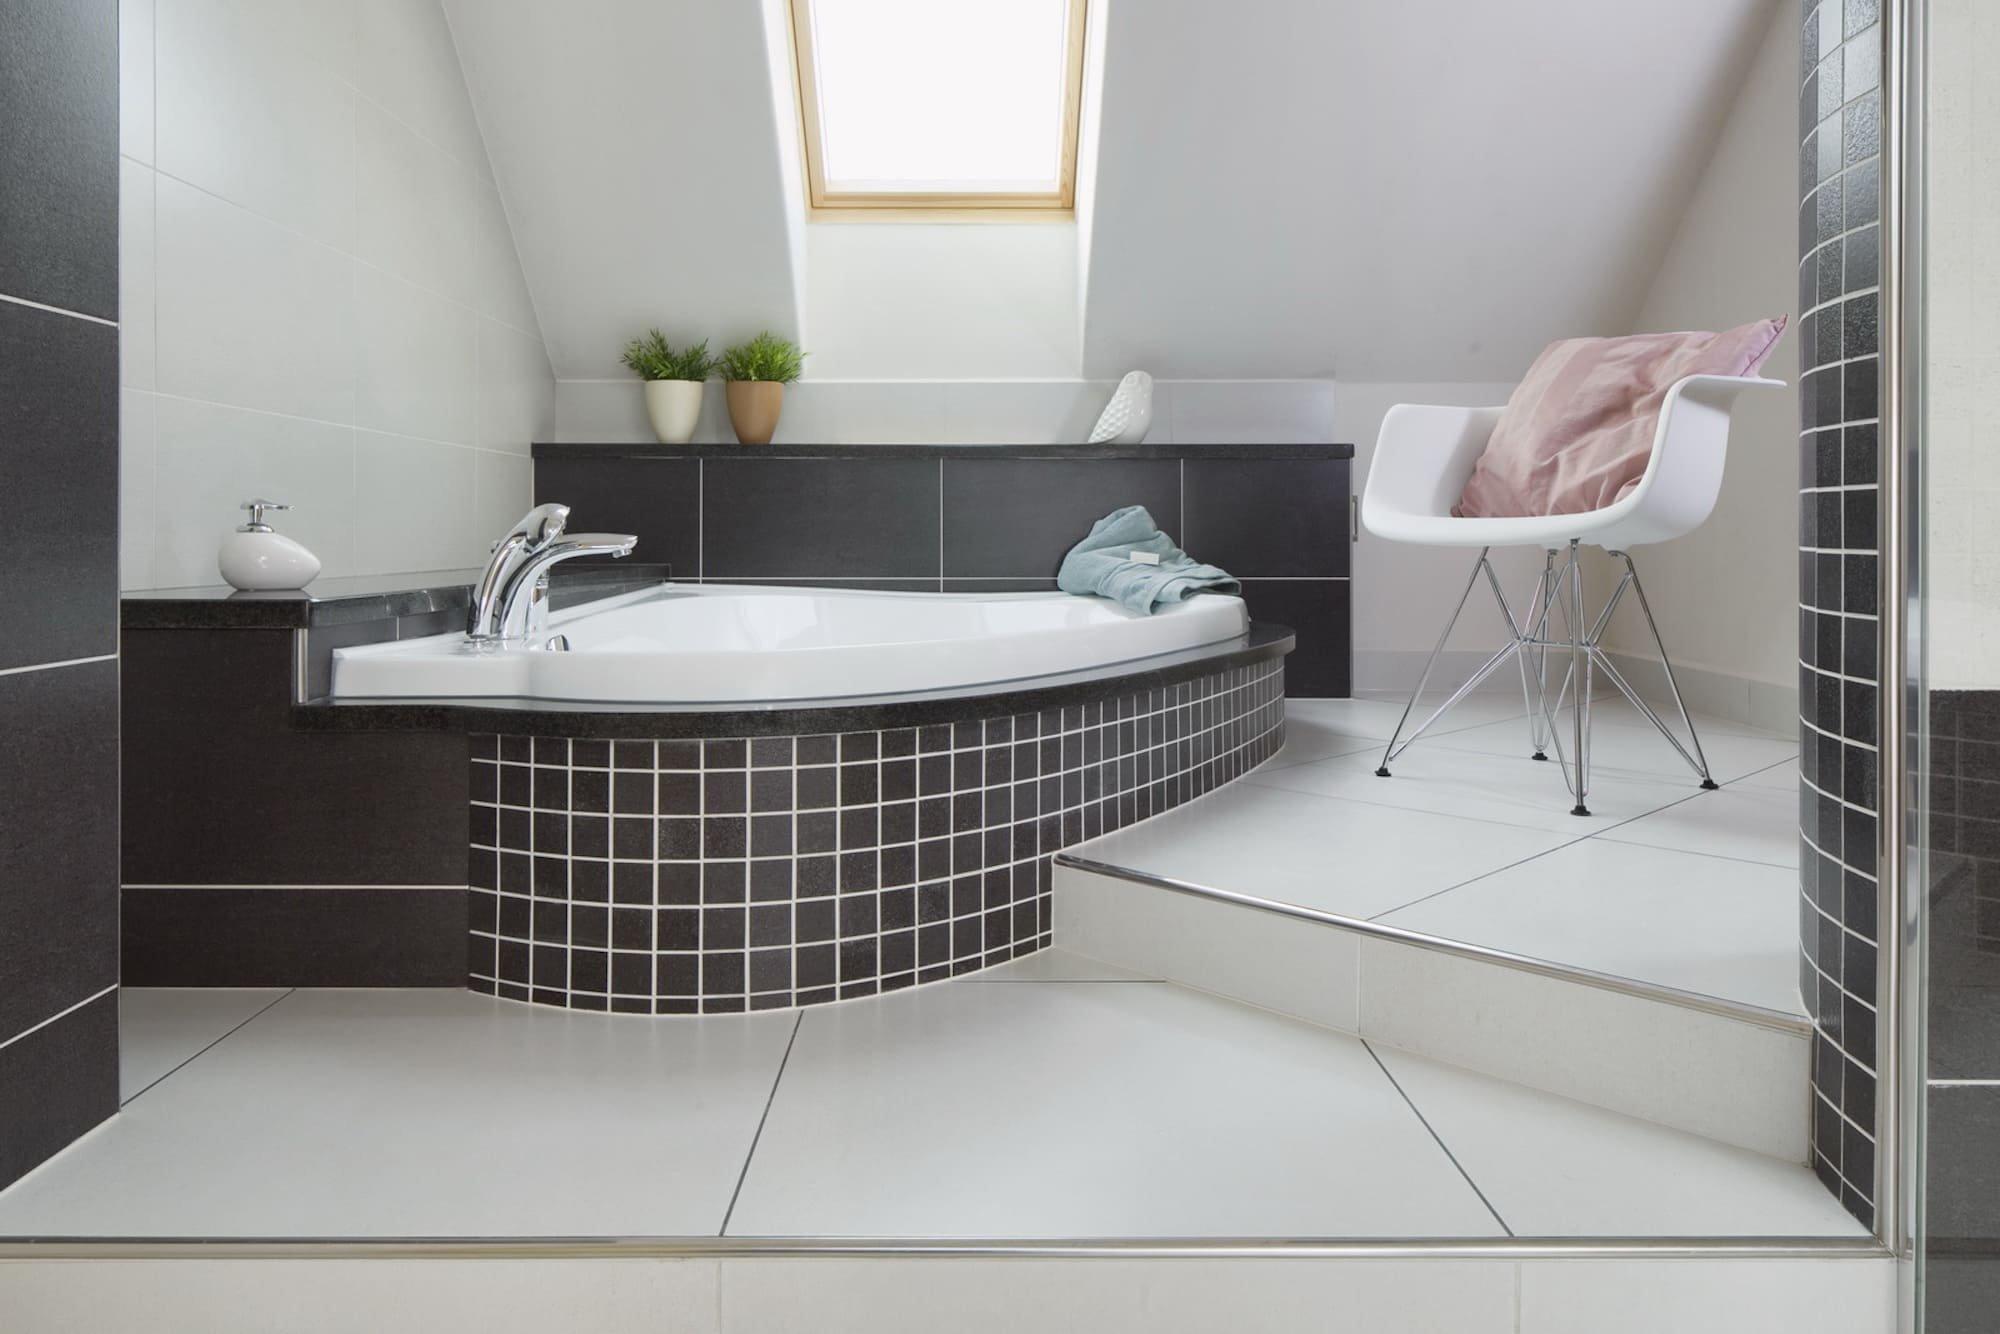 Ideální podmínky pro vznik plísní je teplé a vlhké prostředí. Jeden z nejčastějších a nejnebezpečnějších druhů plísní je černá plíseň, která se často vyskytuje právě v koupelnách.